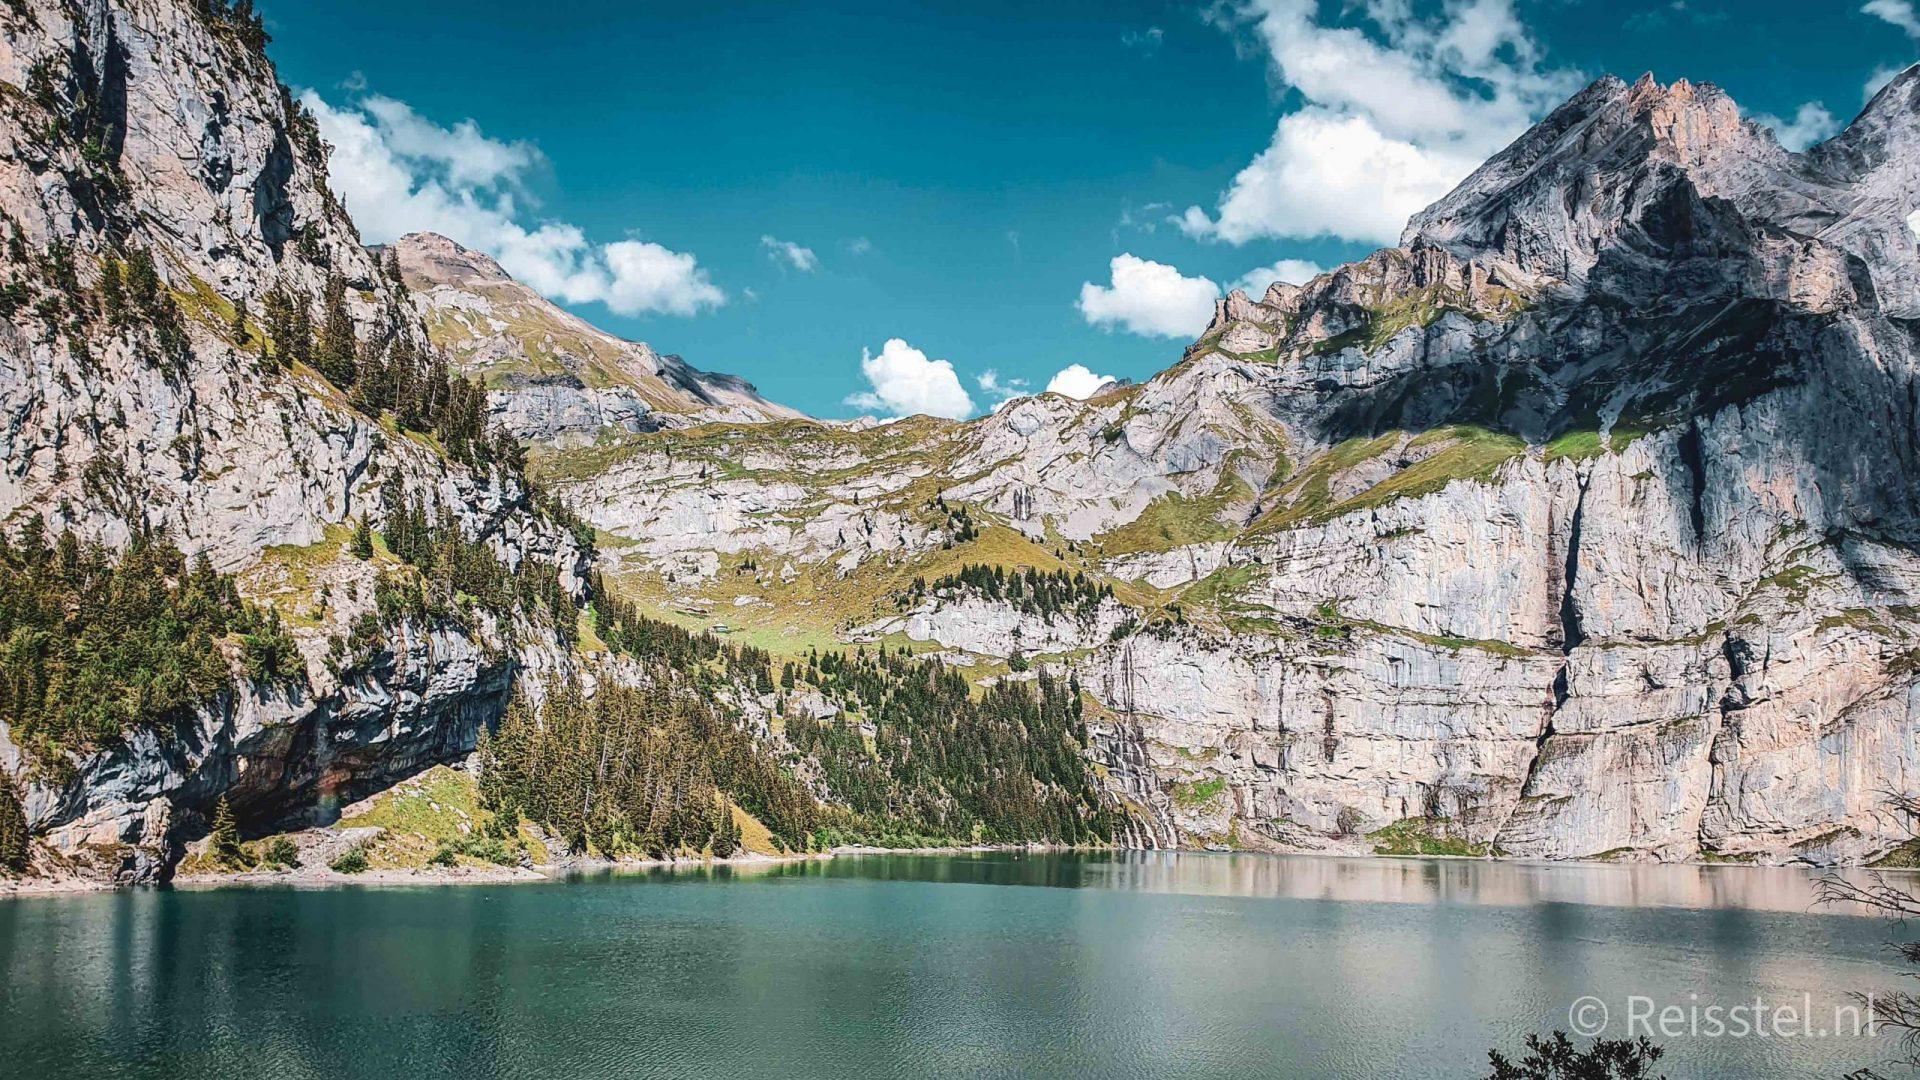 Oeschinensee hike Kandersteg - Oeschinenmeer - header